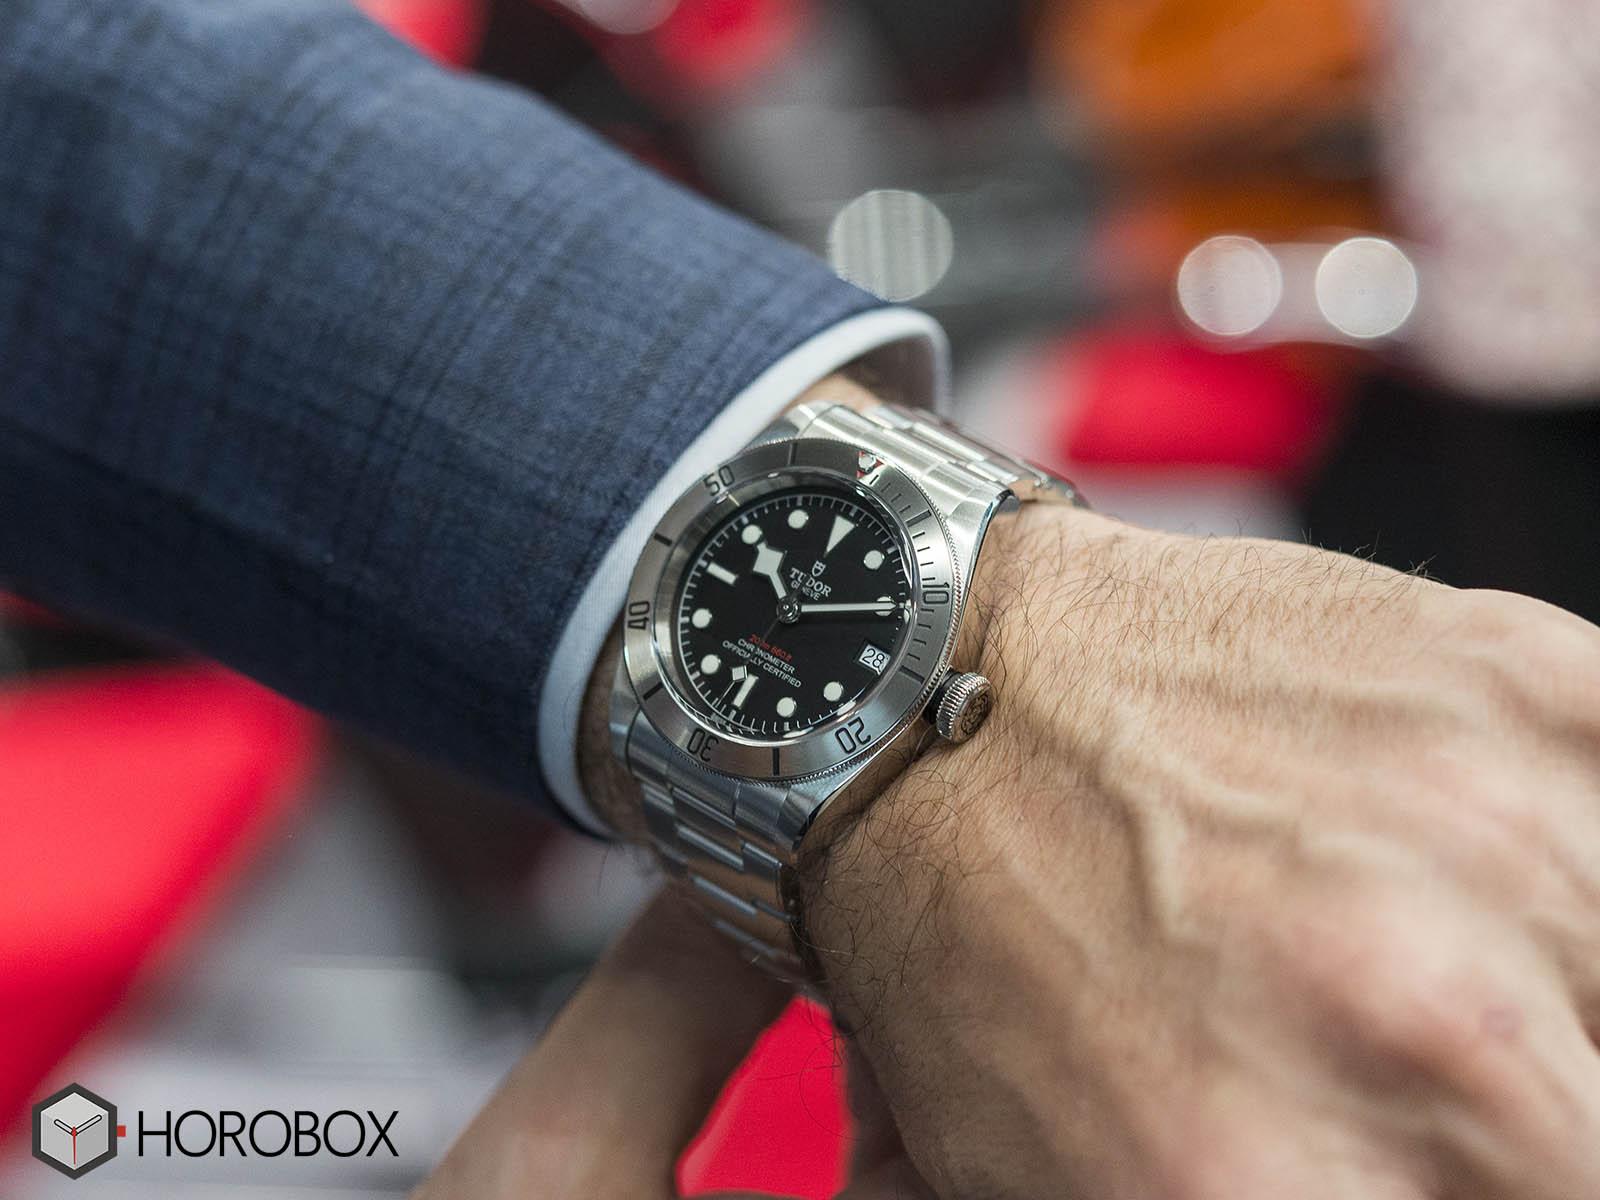 Tudor-Heritage-Black-Bay-Steel-79730-Date-1-kopya.jpg